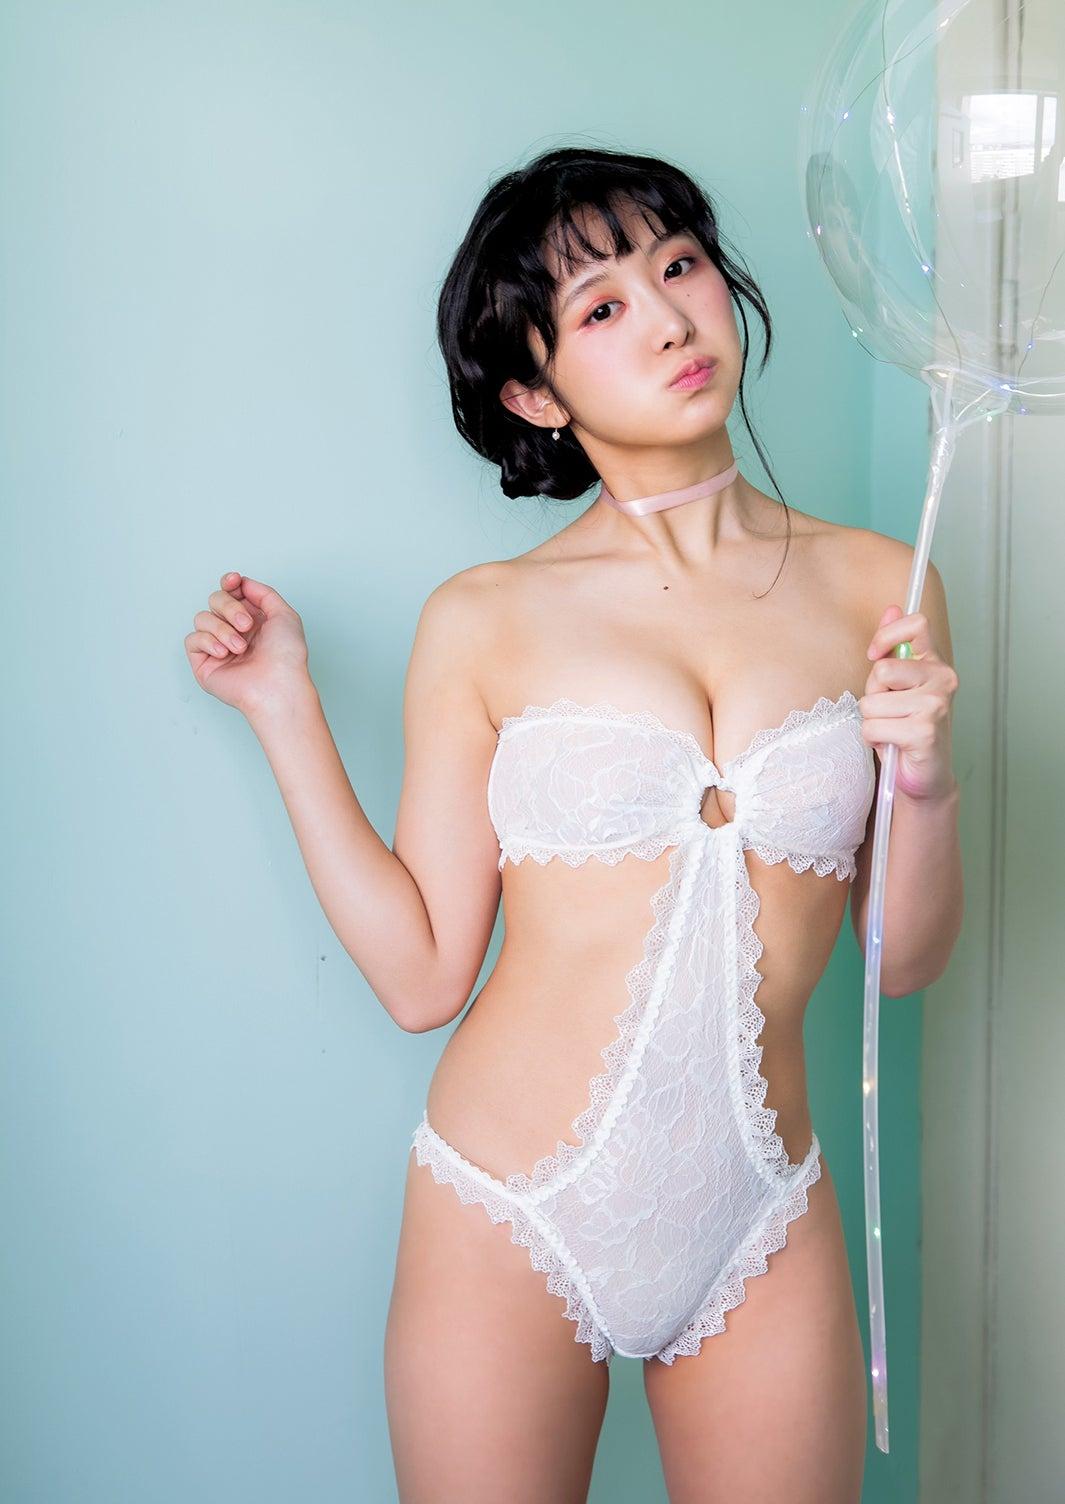 SK企画 更衣室芦田愛菜乳首